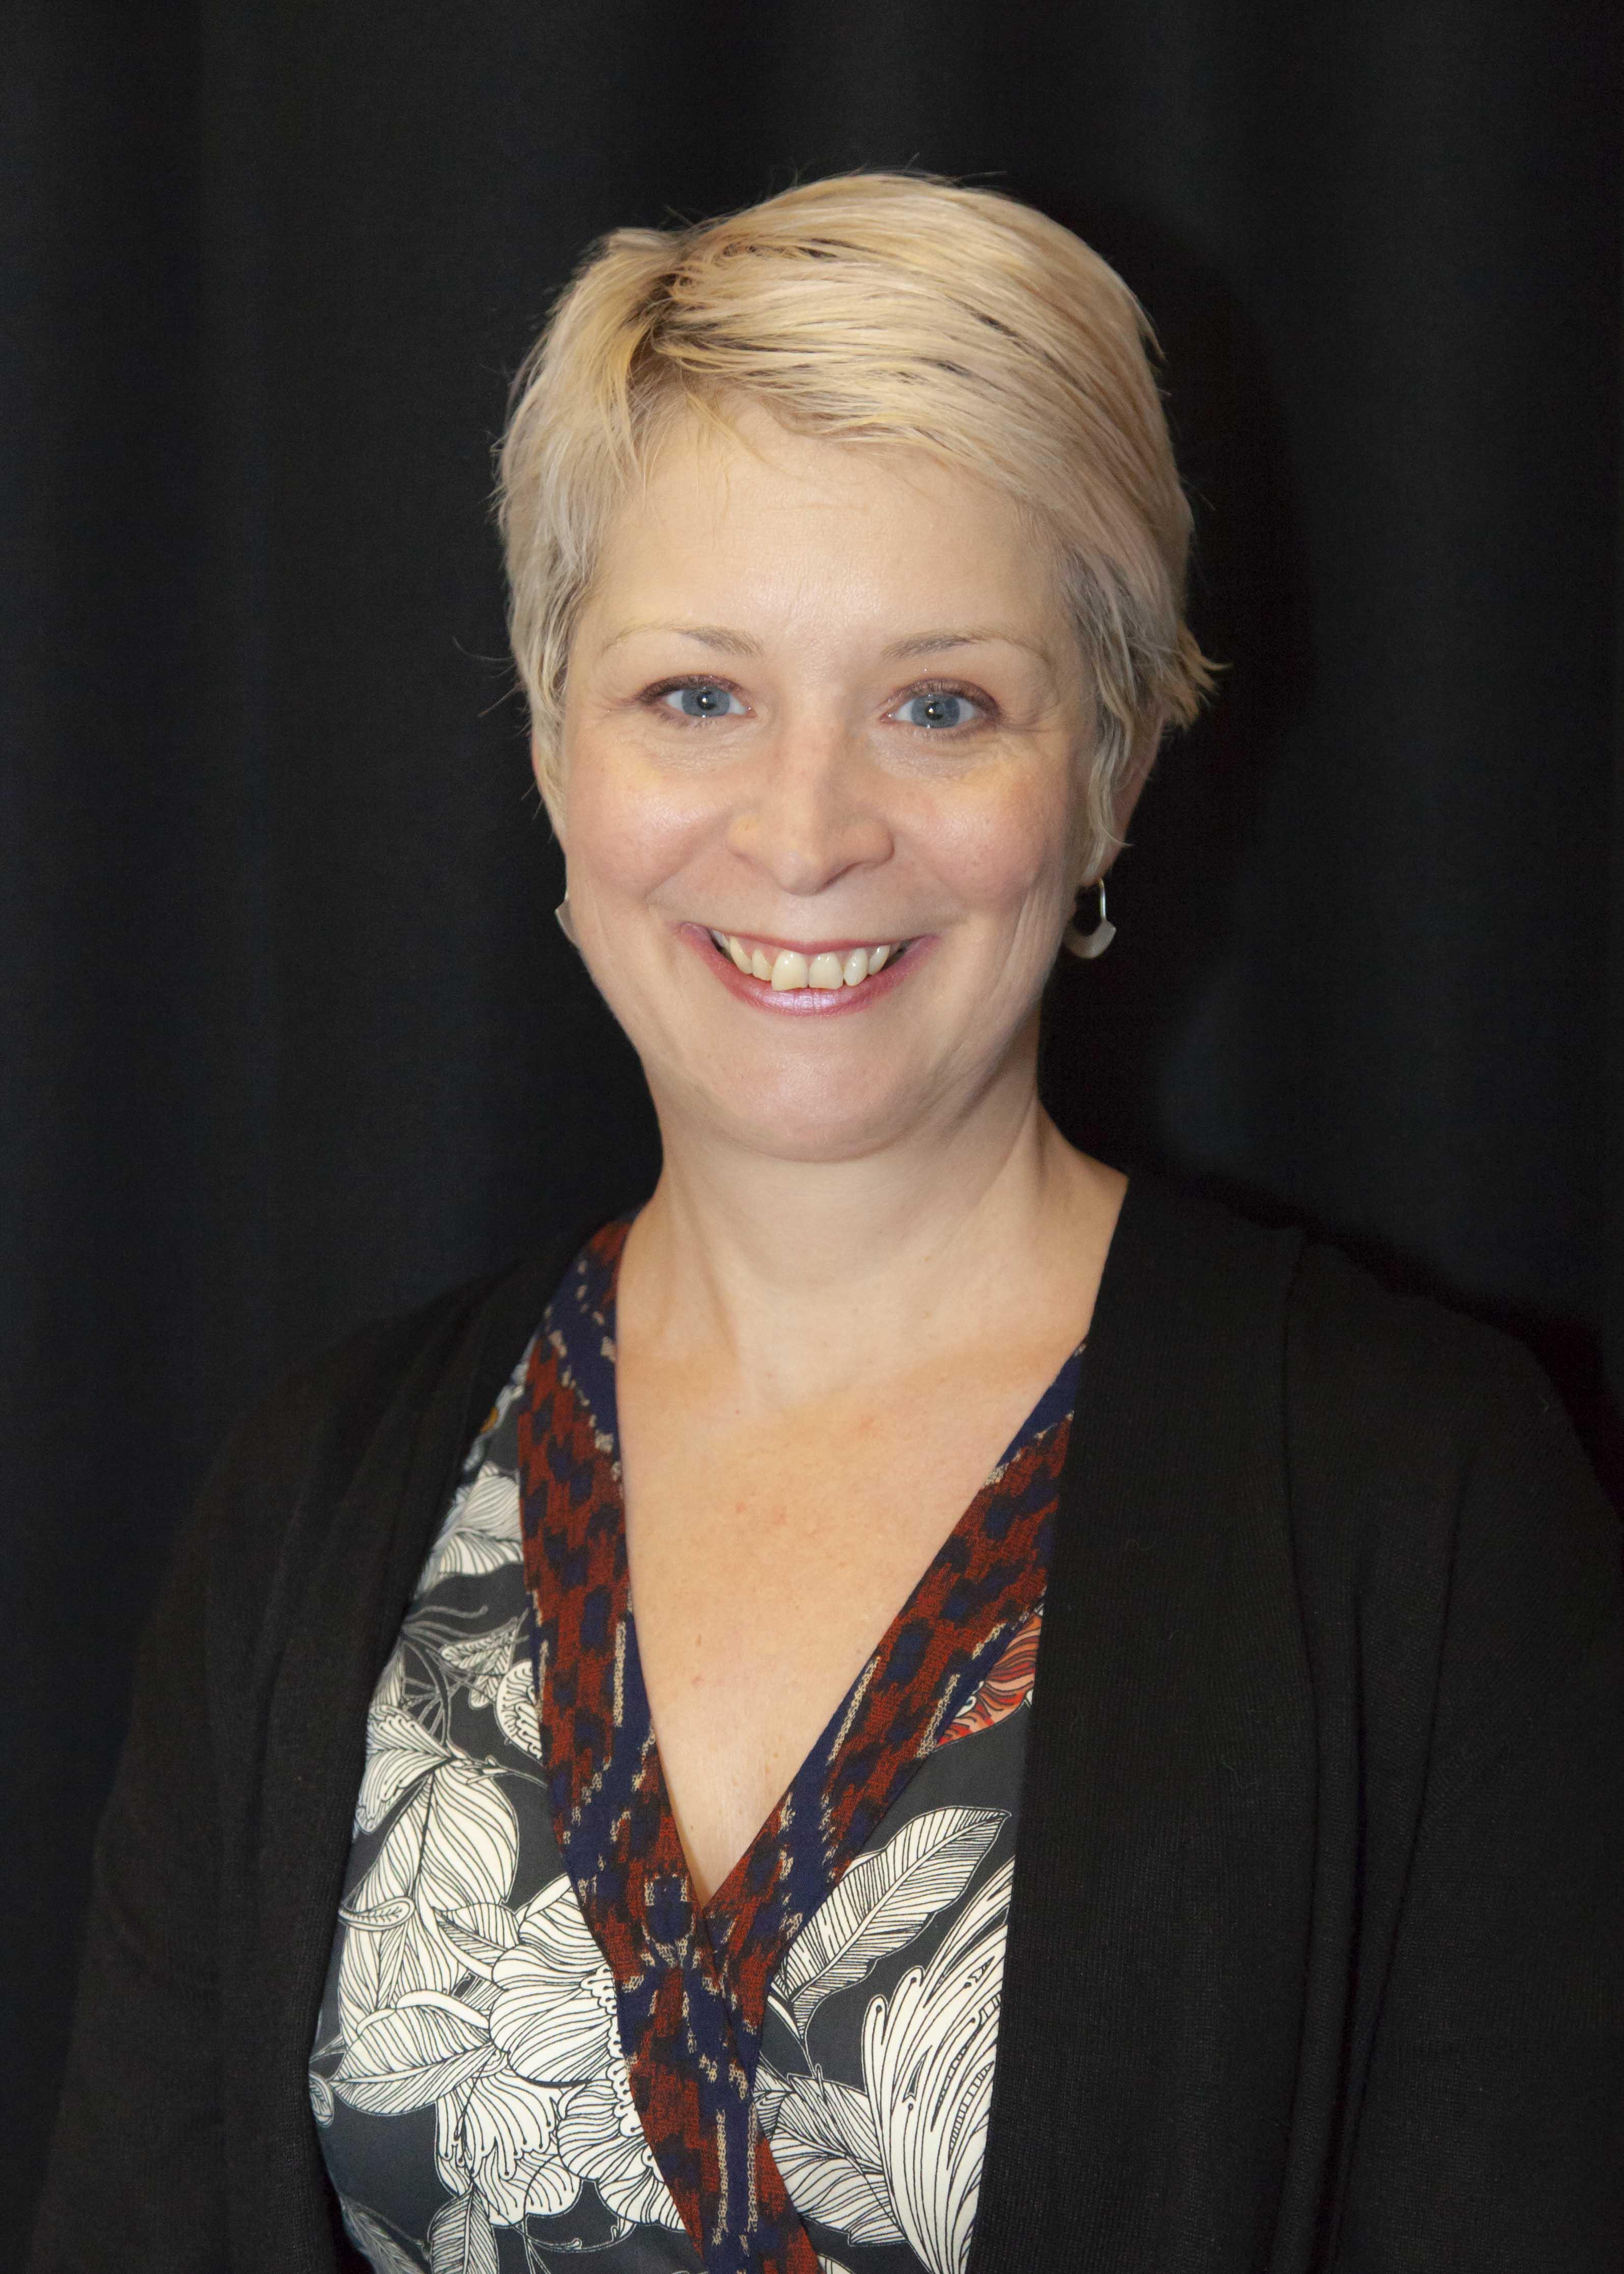 Carol Botten, CEO of VONNE